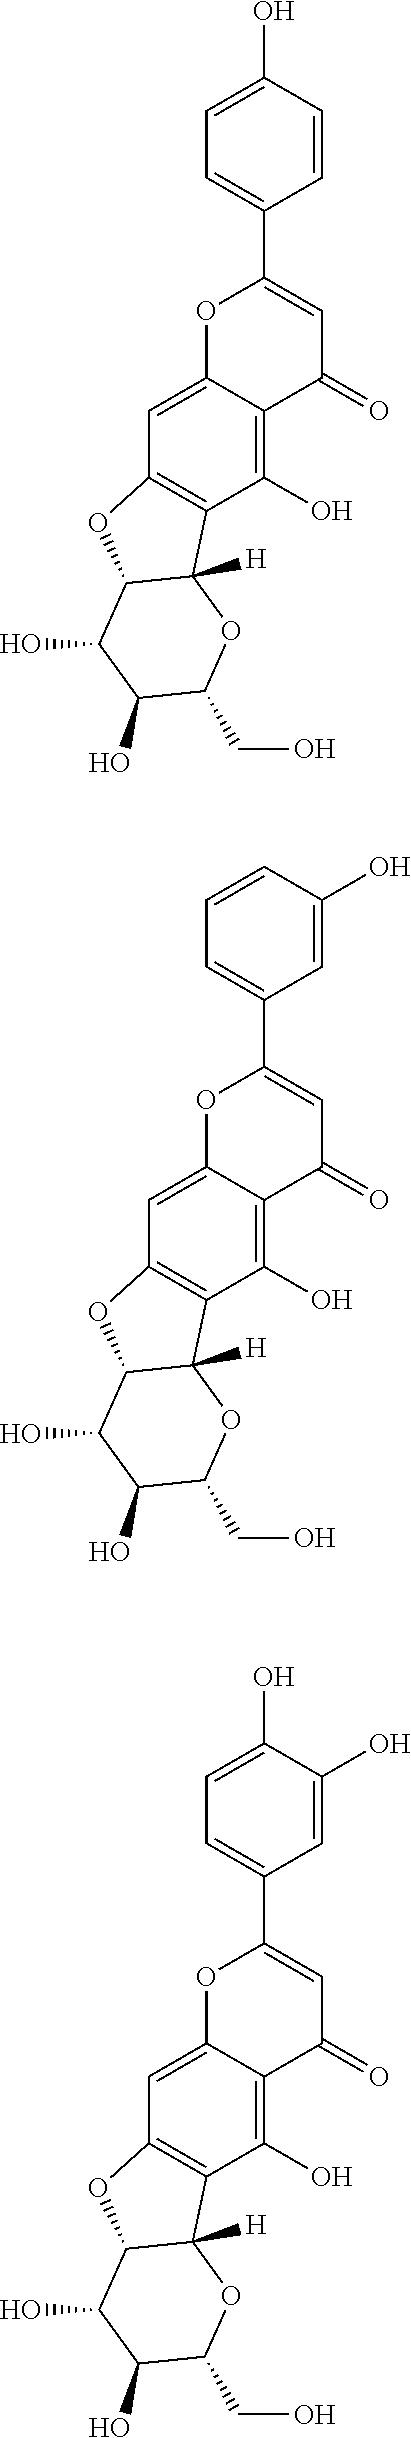 Figure US09962344-20180508-C00187